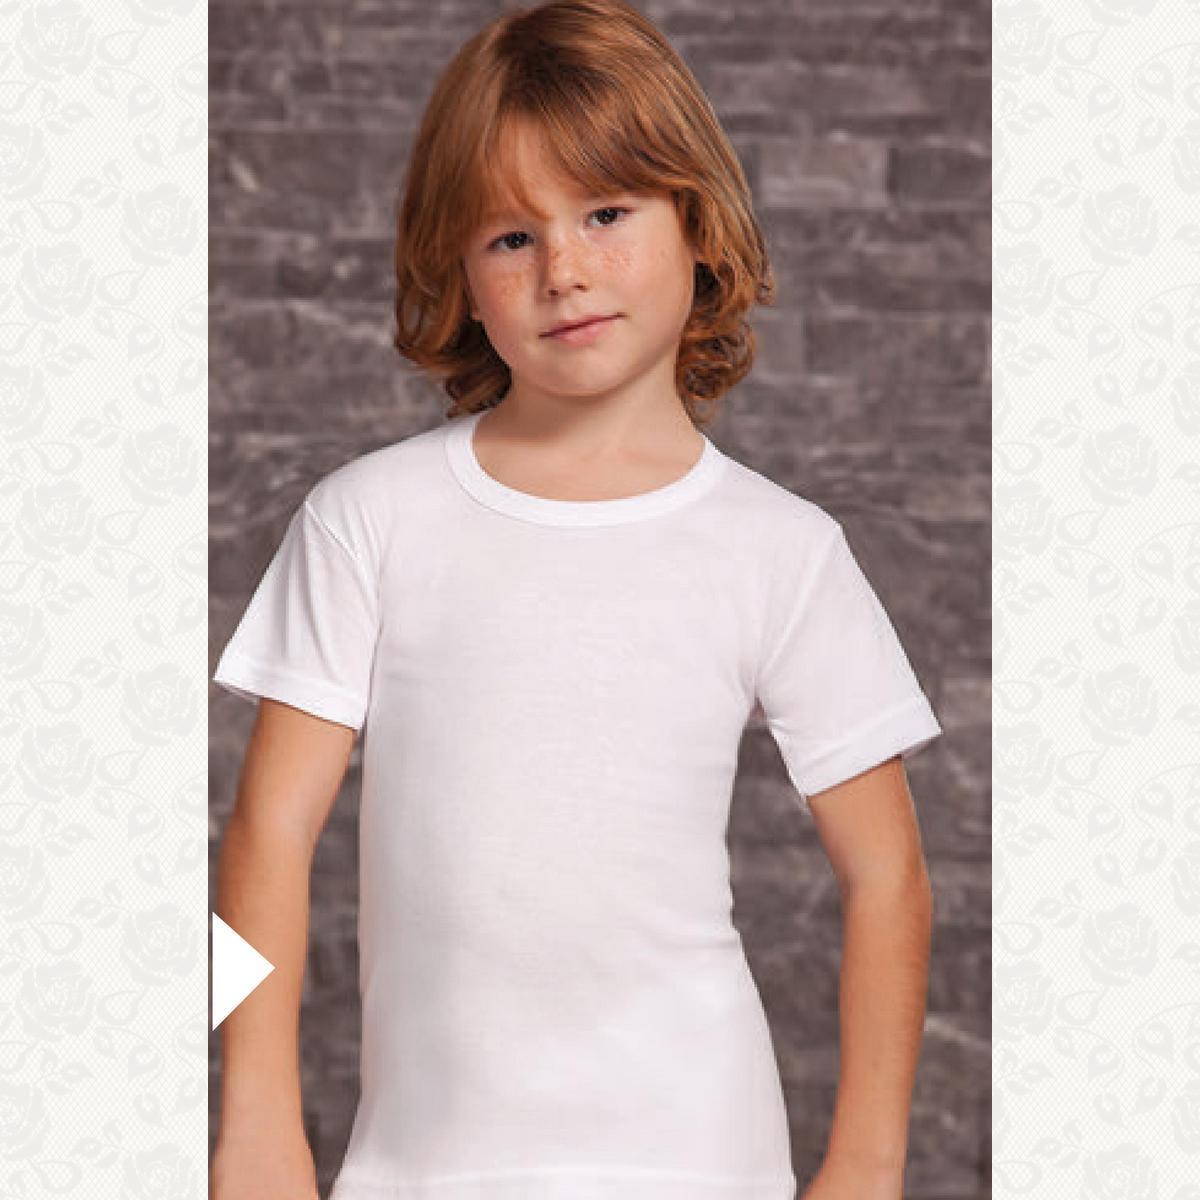 Футболка для мальчиков и девочек размер от1до 4, цвет белый, 6 шт.